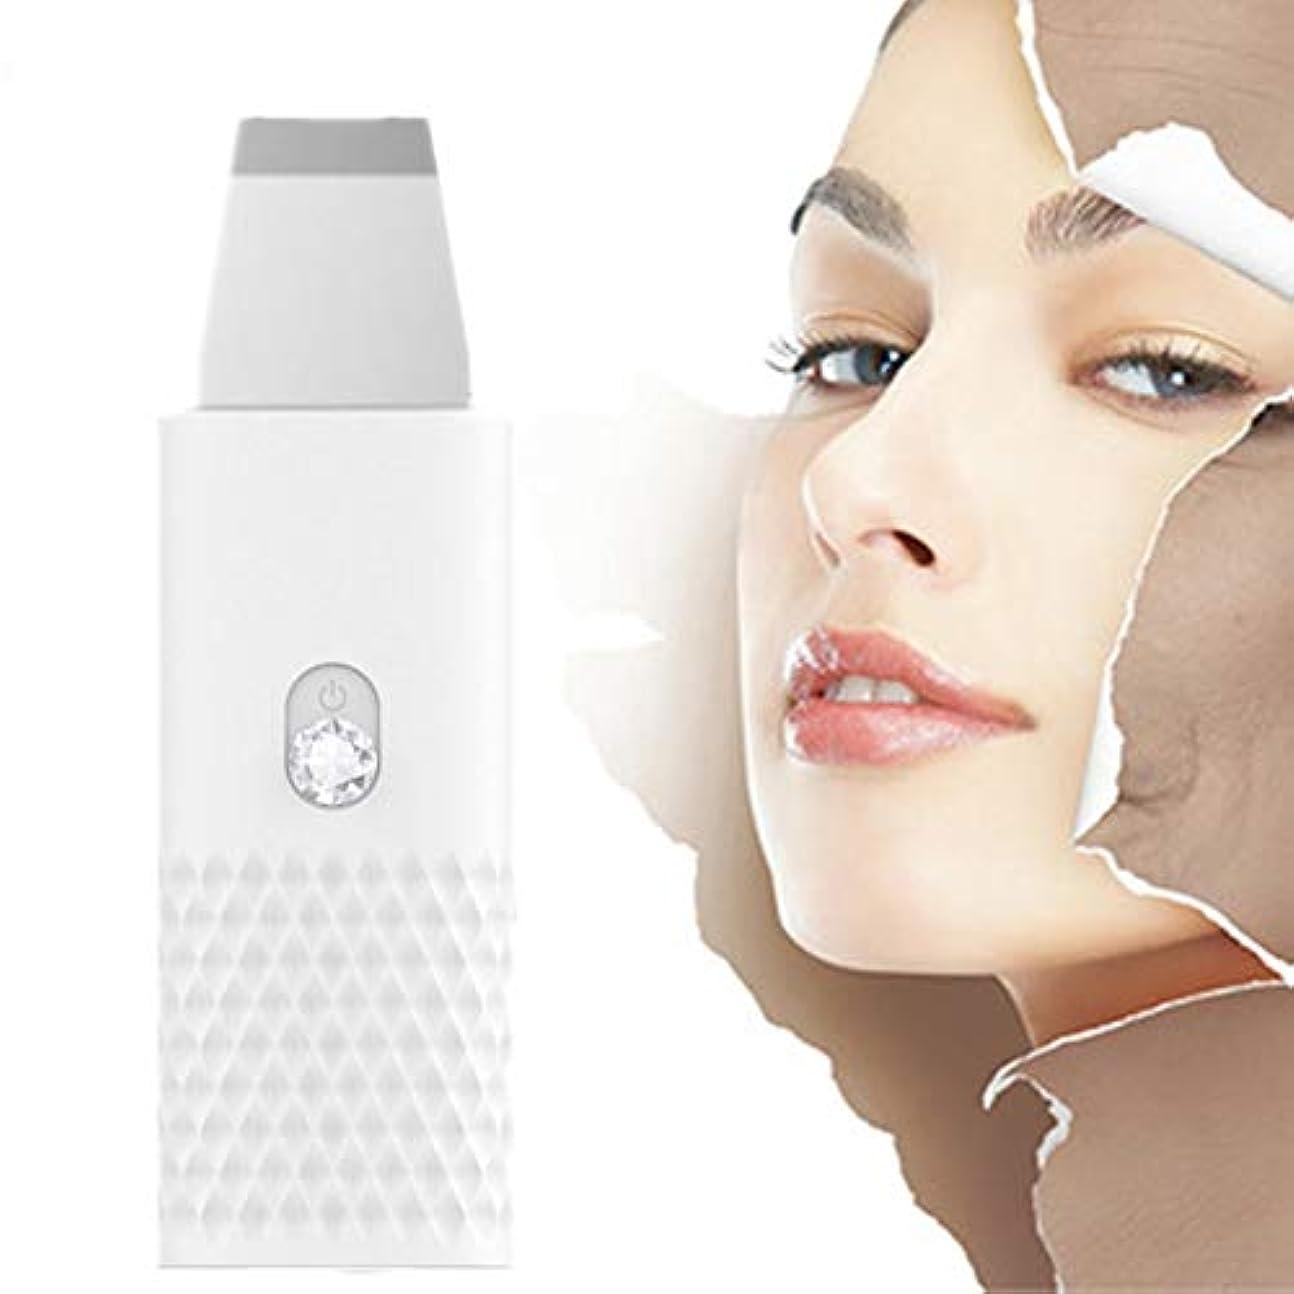 タンパク質ランダム良心ツールクレンザー古い角質除去ホワイトピーリング顔の皮膚のスクラバーブラックヘッドリムーバー毛穴クリーナー電気EMS導入モードUSB充電女性のスキンマッサージスクラバー?フェイシャルリフティング